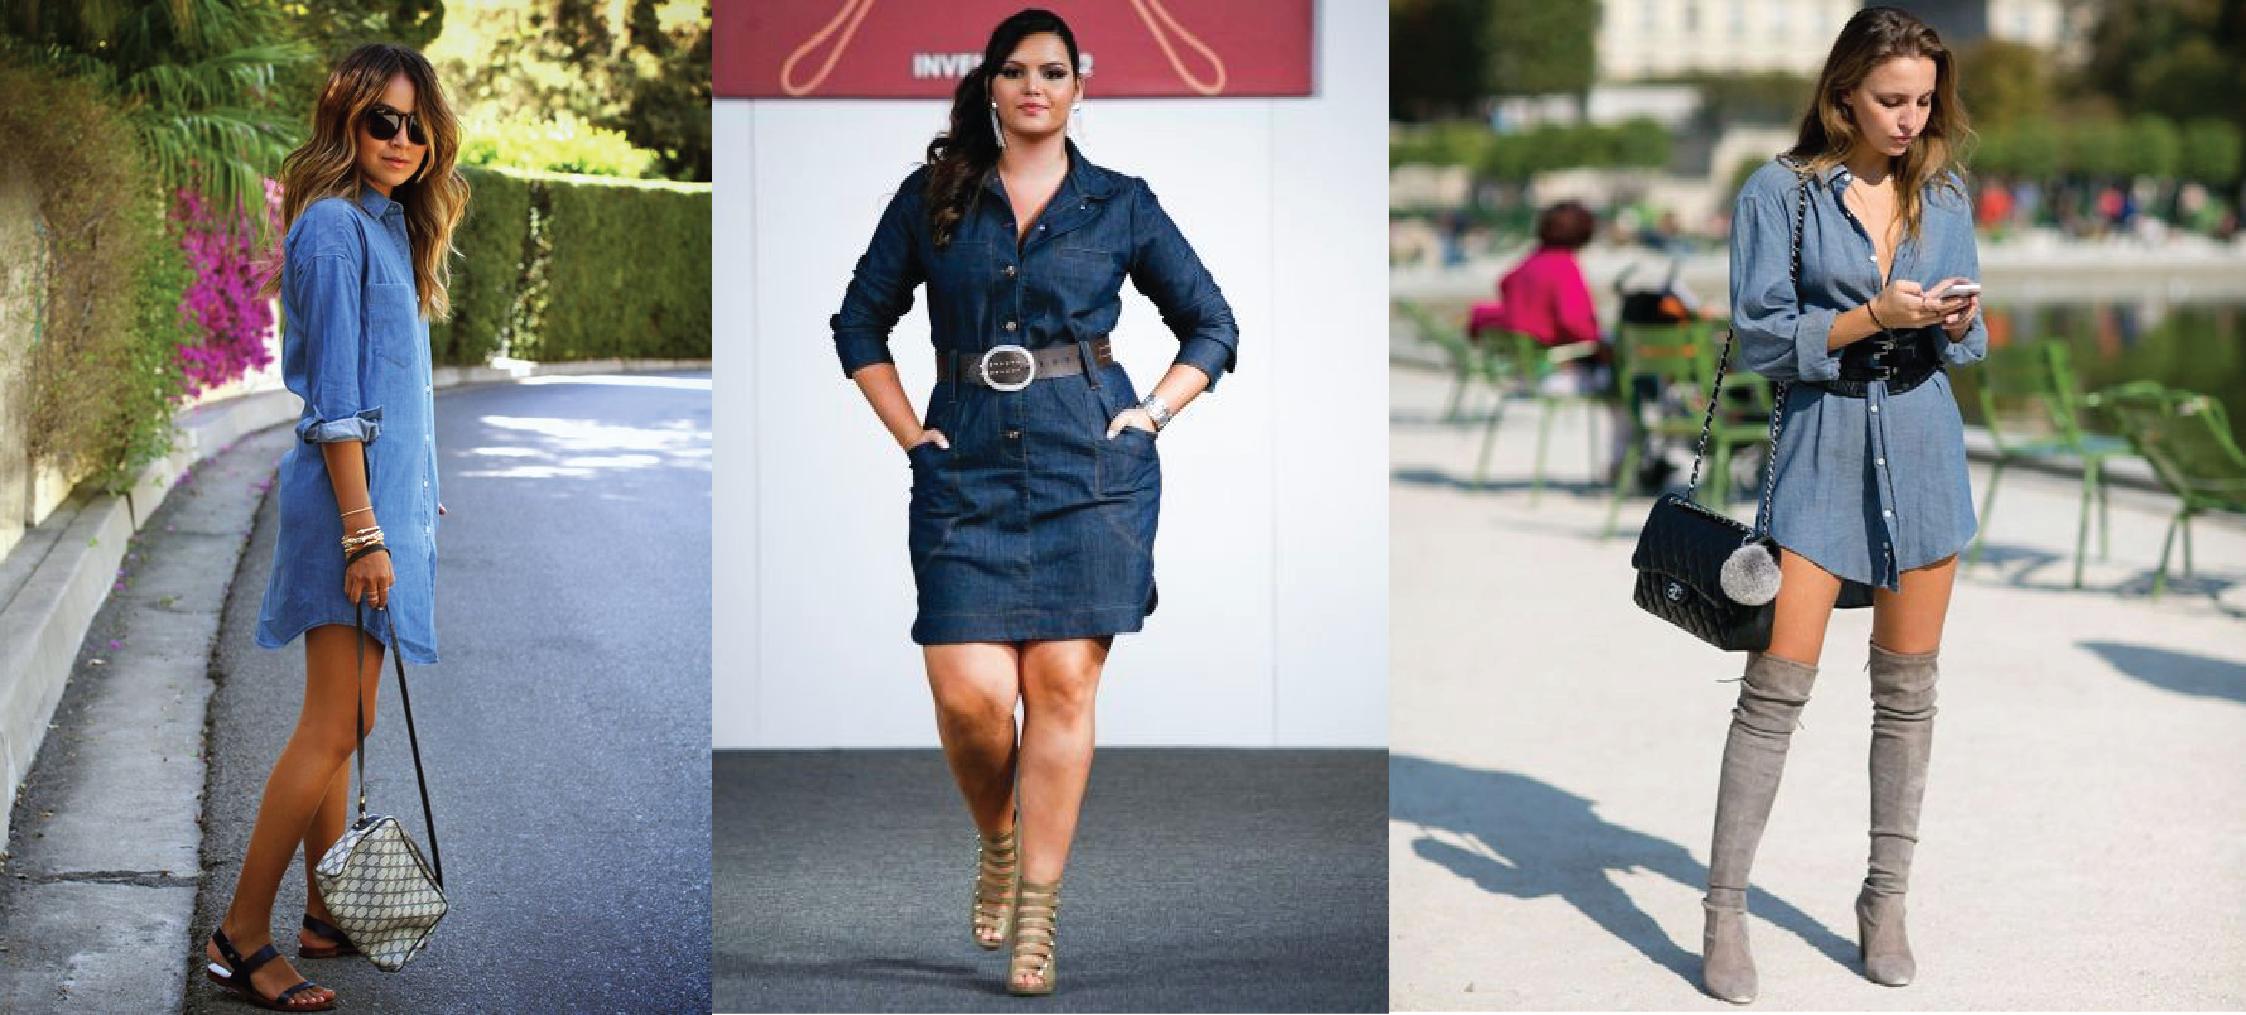 Jaqueta jeans de usar com vestido